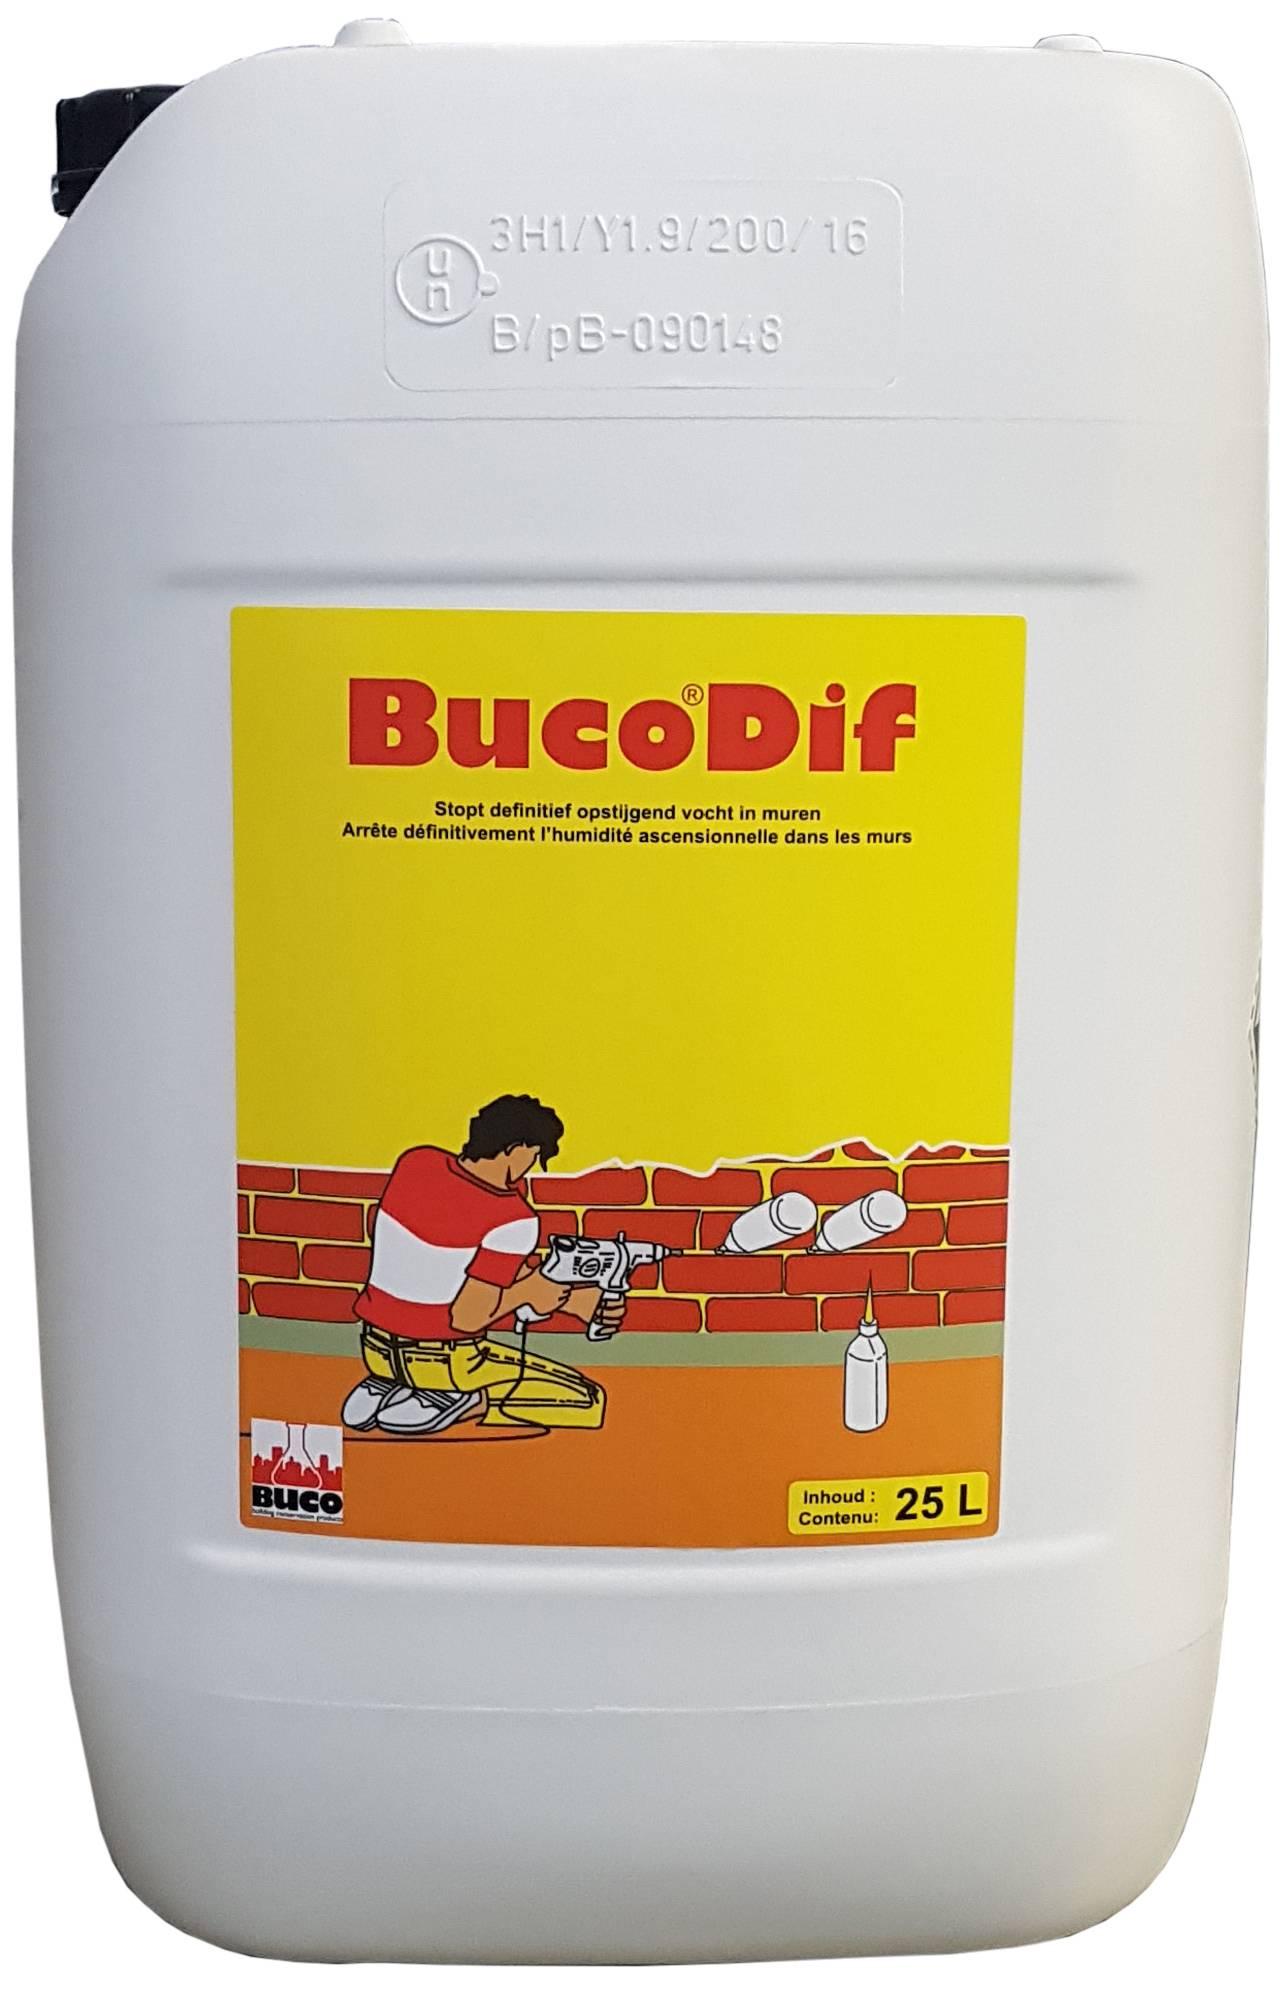 BucoDif: Dunvloeibaar product voor het definitief stoppen van opstijgend vocht  - Promacom